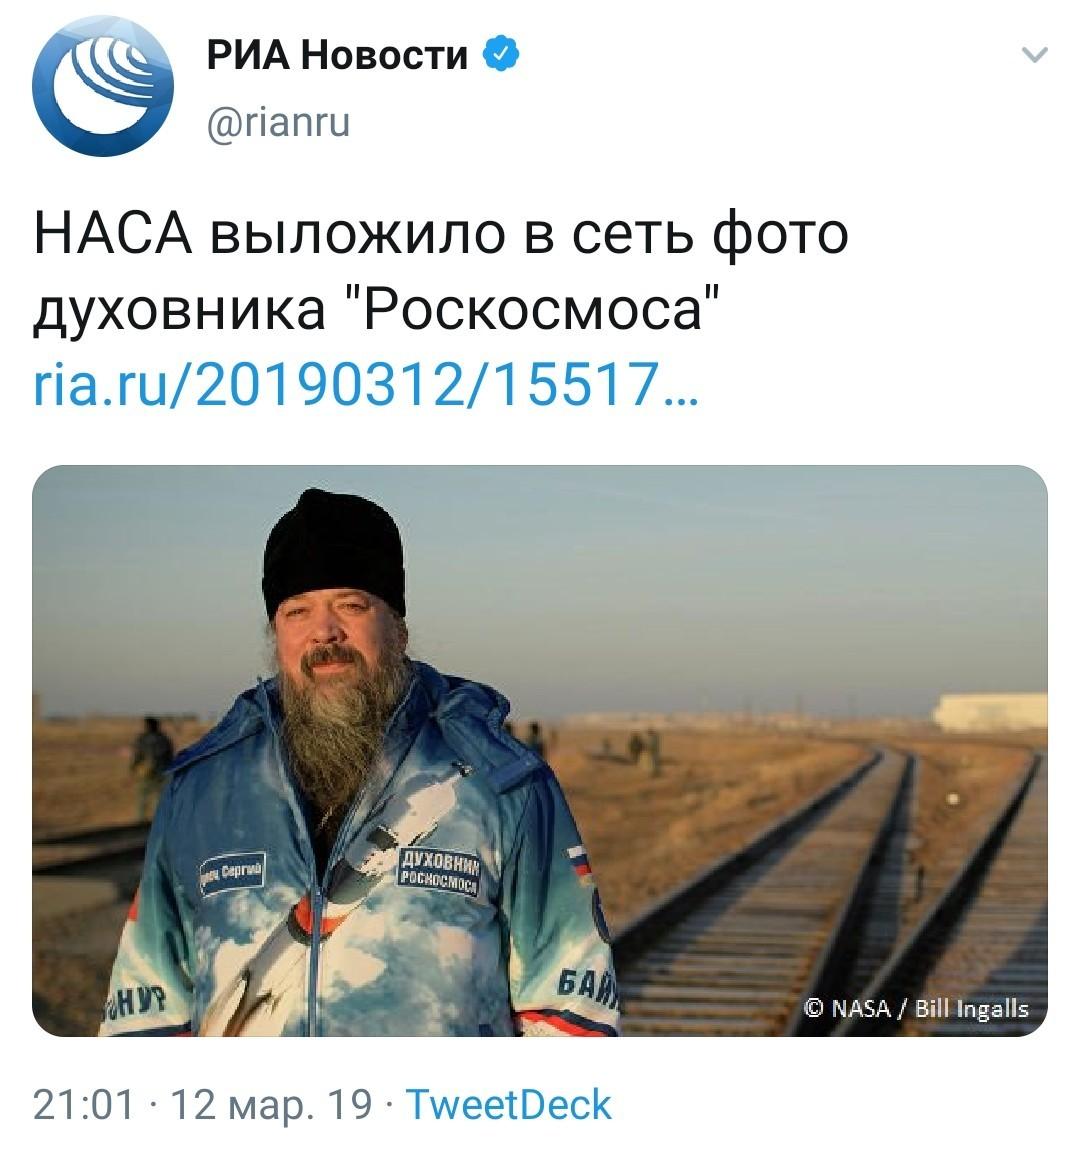 Спутники Starlink в небе над Уралом 26 мая 2019 года